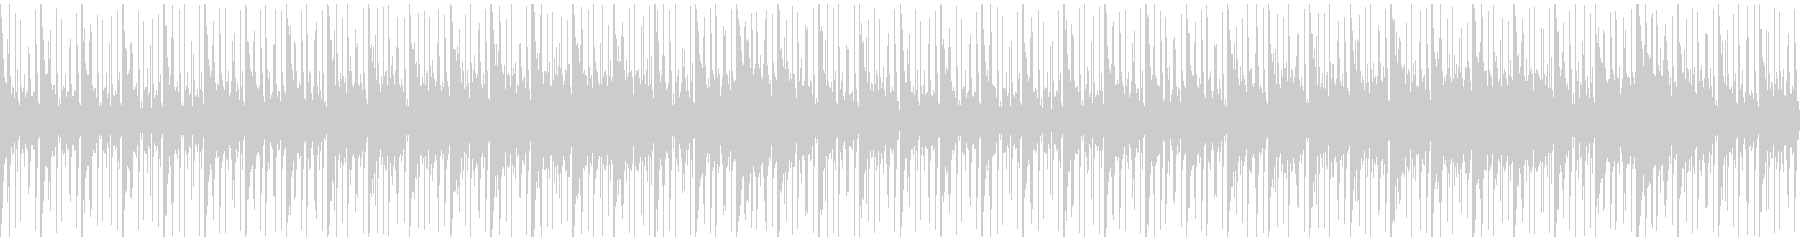 ピアノとノイズ音のヒーリングアンビエントの未再生の波形